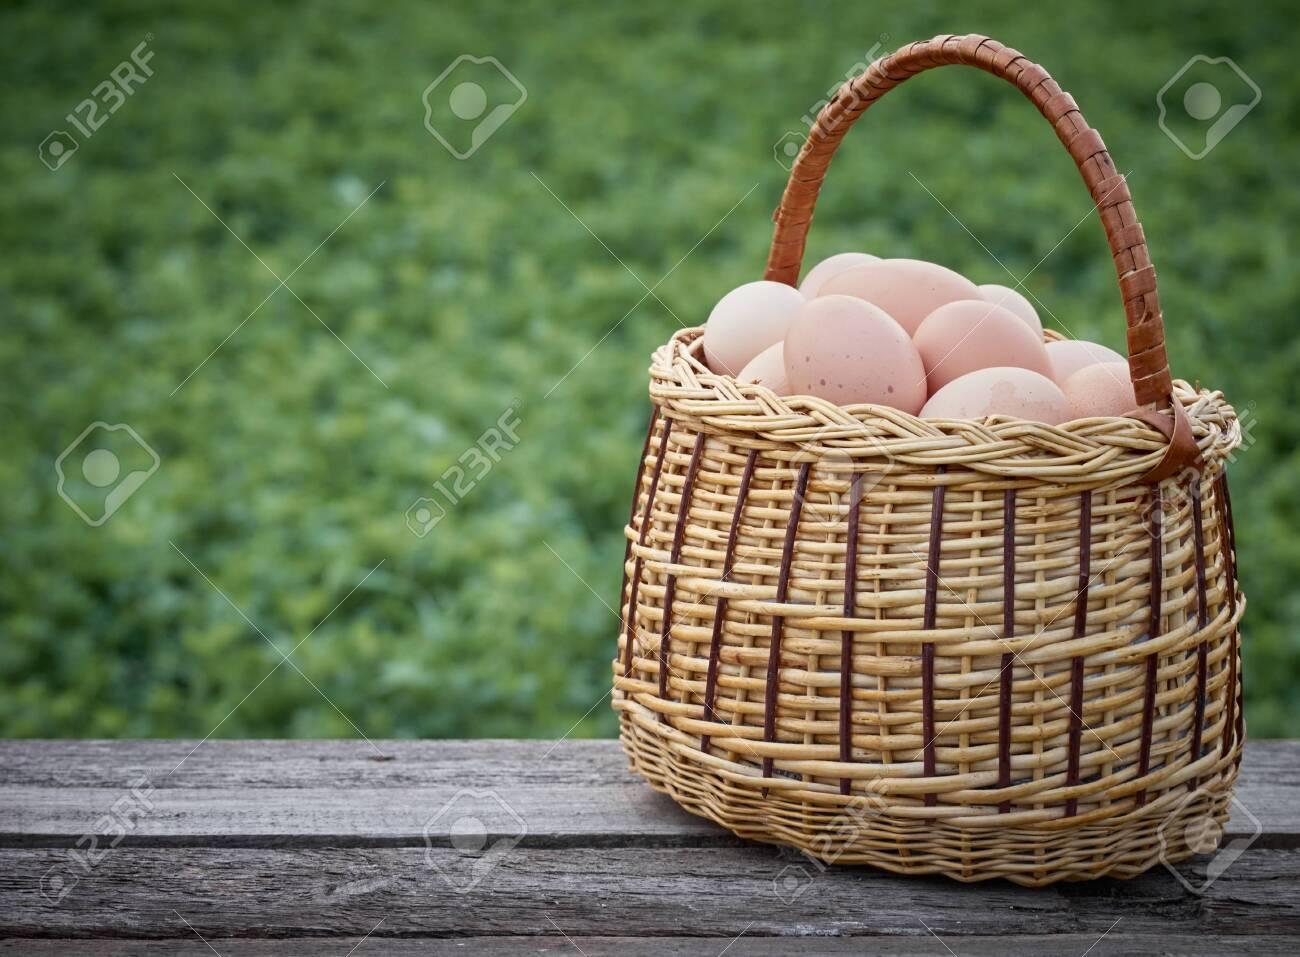 Chicken eggs in a basket. - 146446438